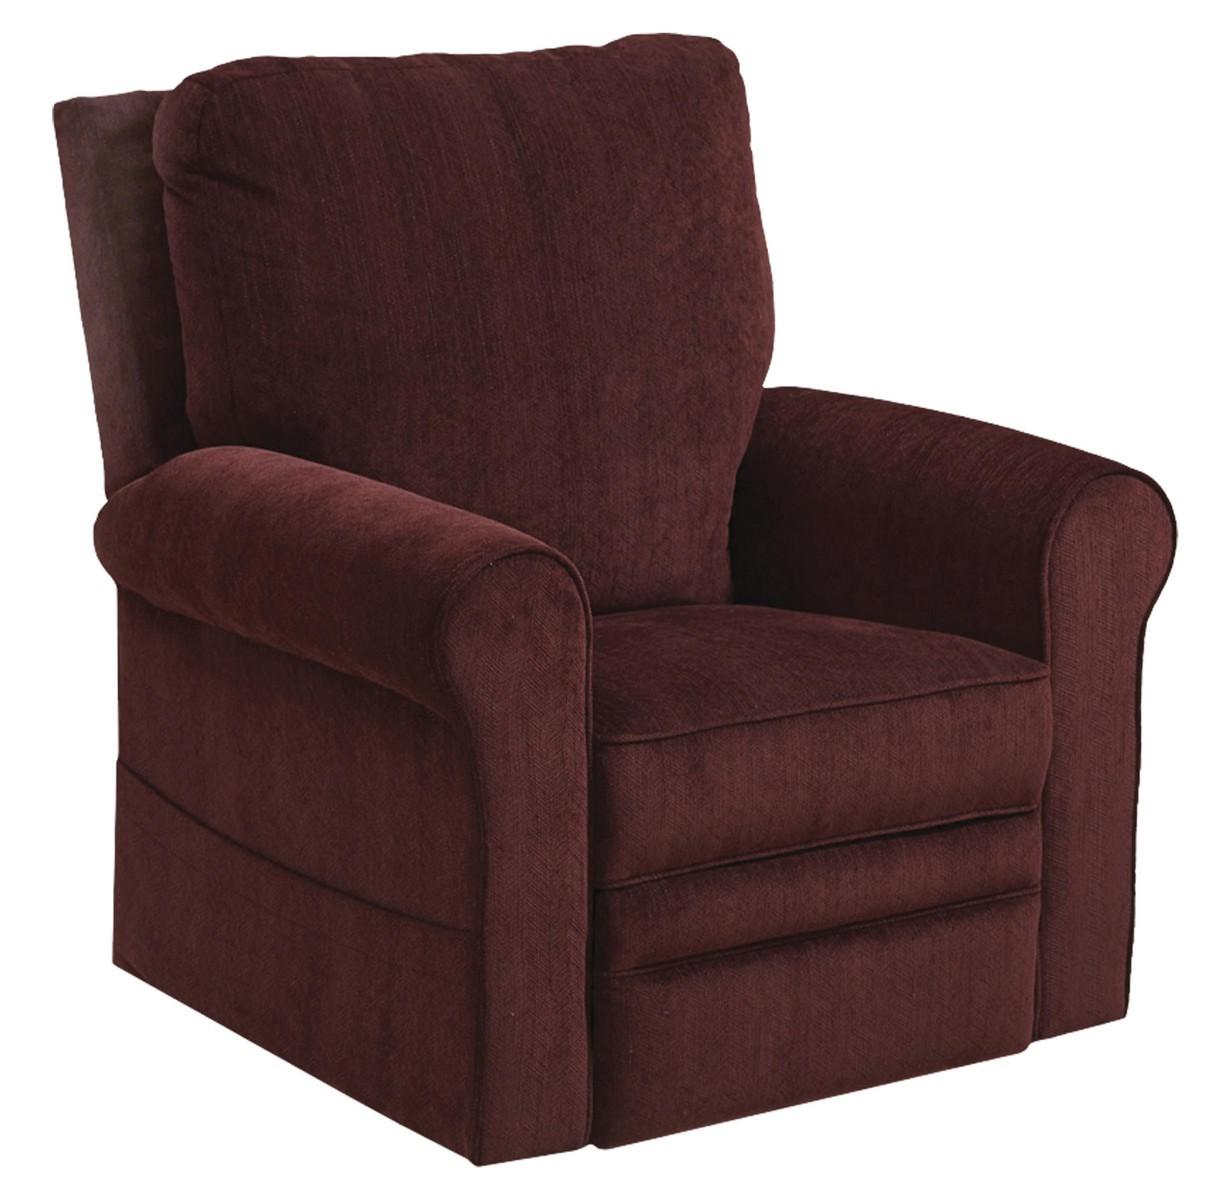 power lift chairs high chair splat mat australia catnapper edwards recliner plum cn 4851